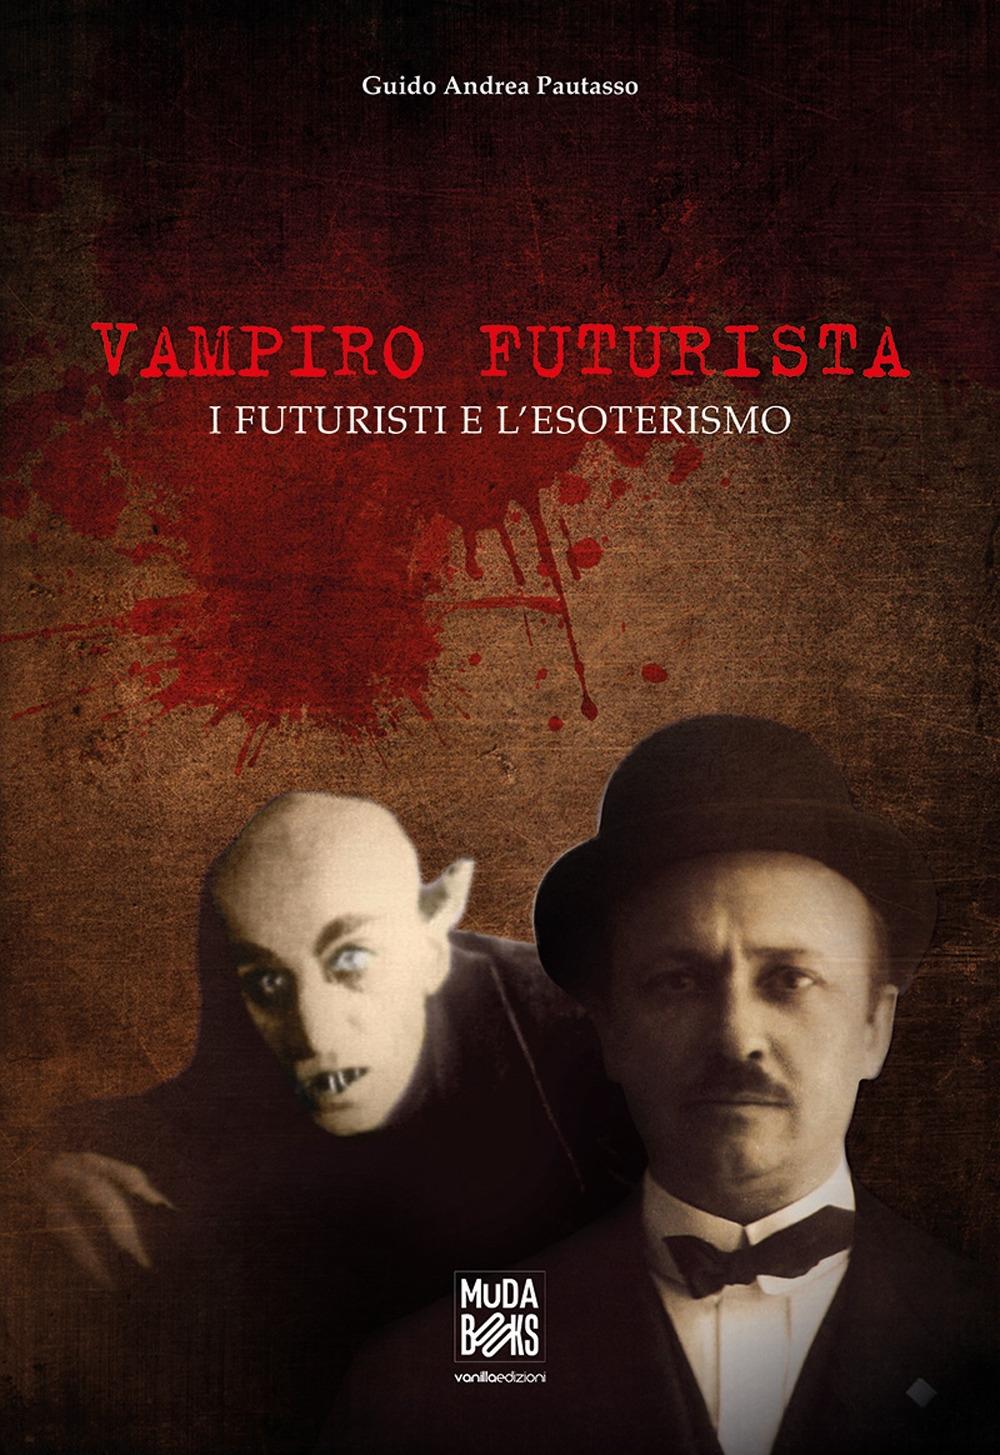 Vampiro Futurista. I Futuristi e l'Esoterismo